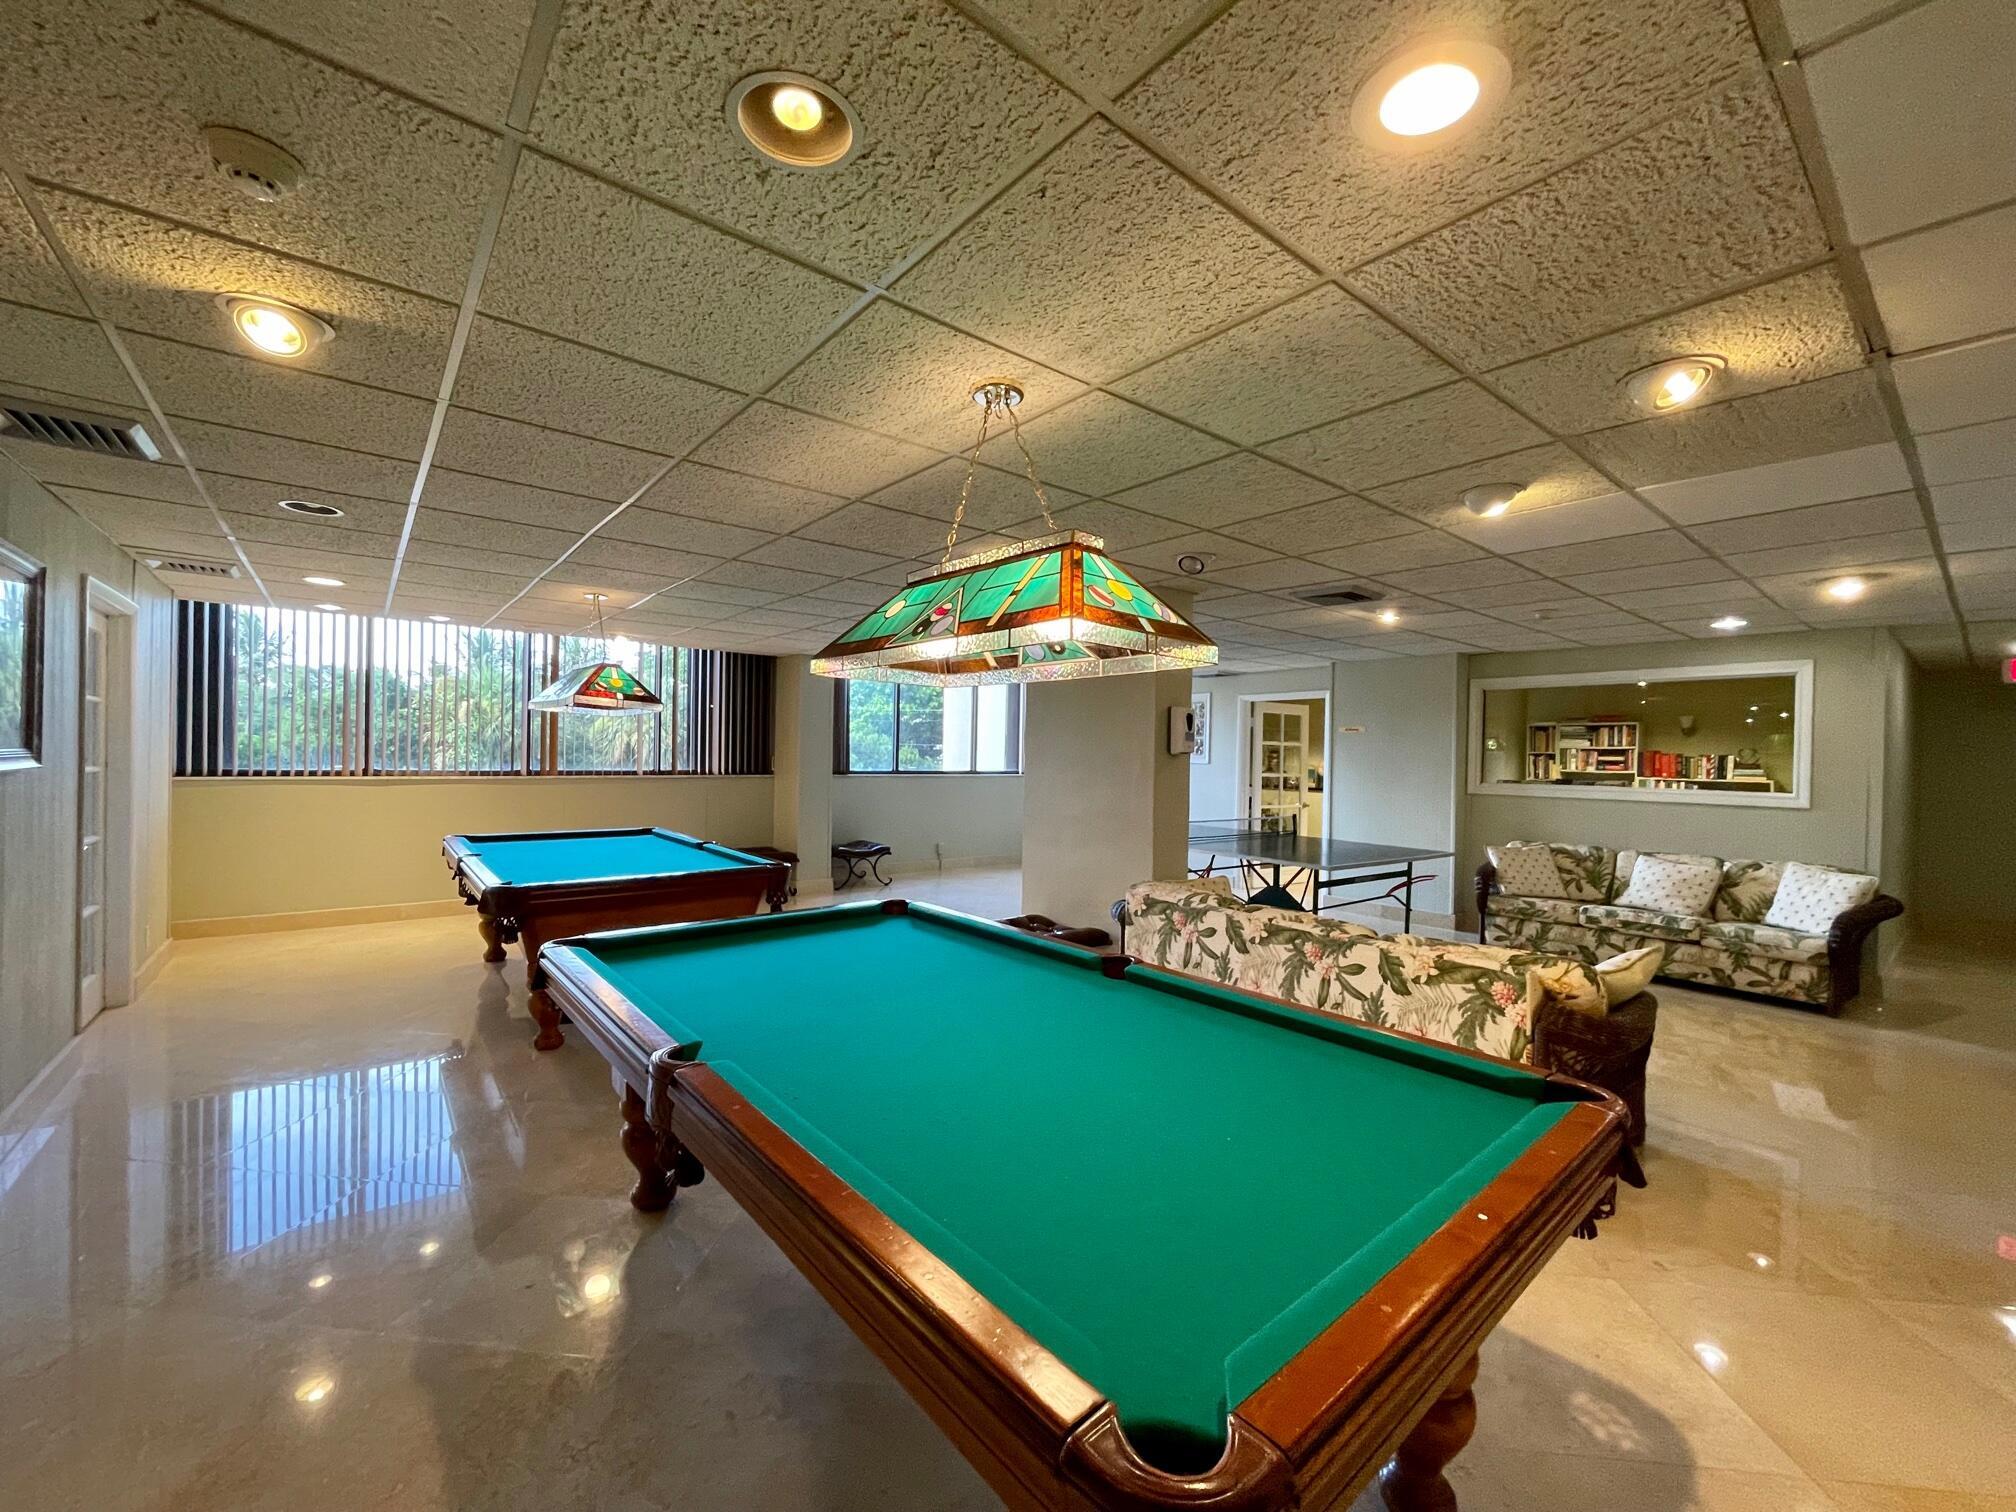 Condo Game Room